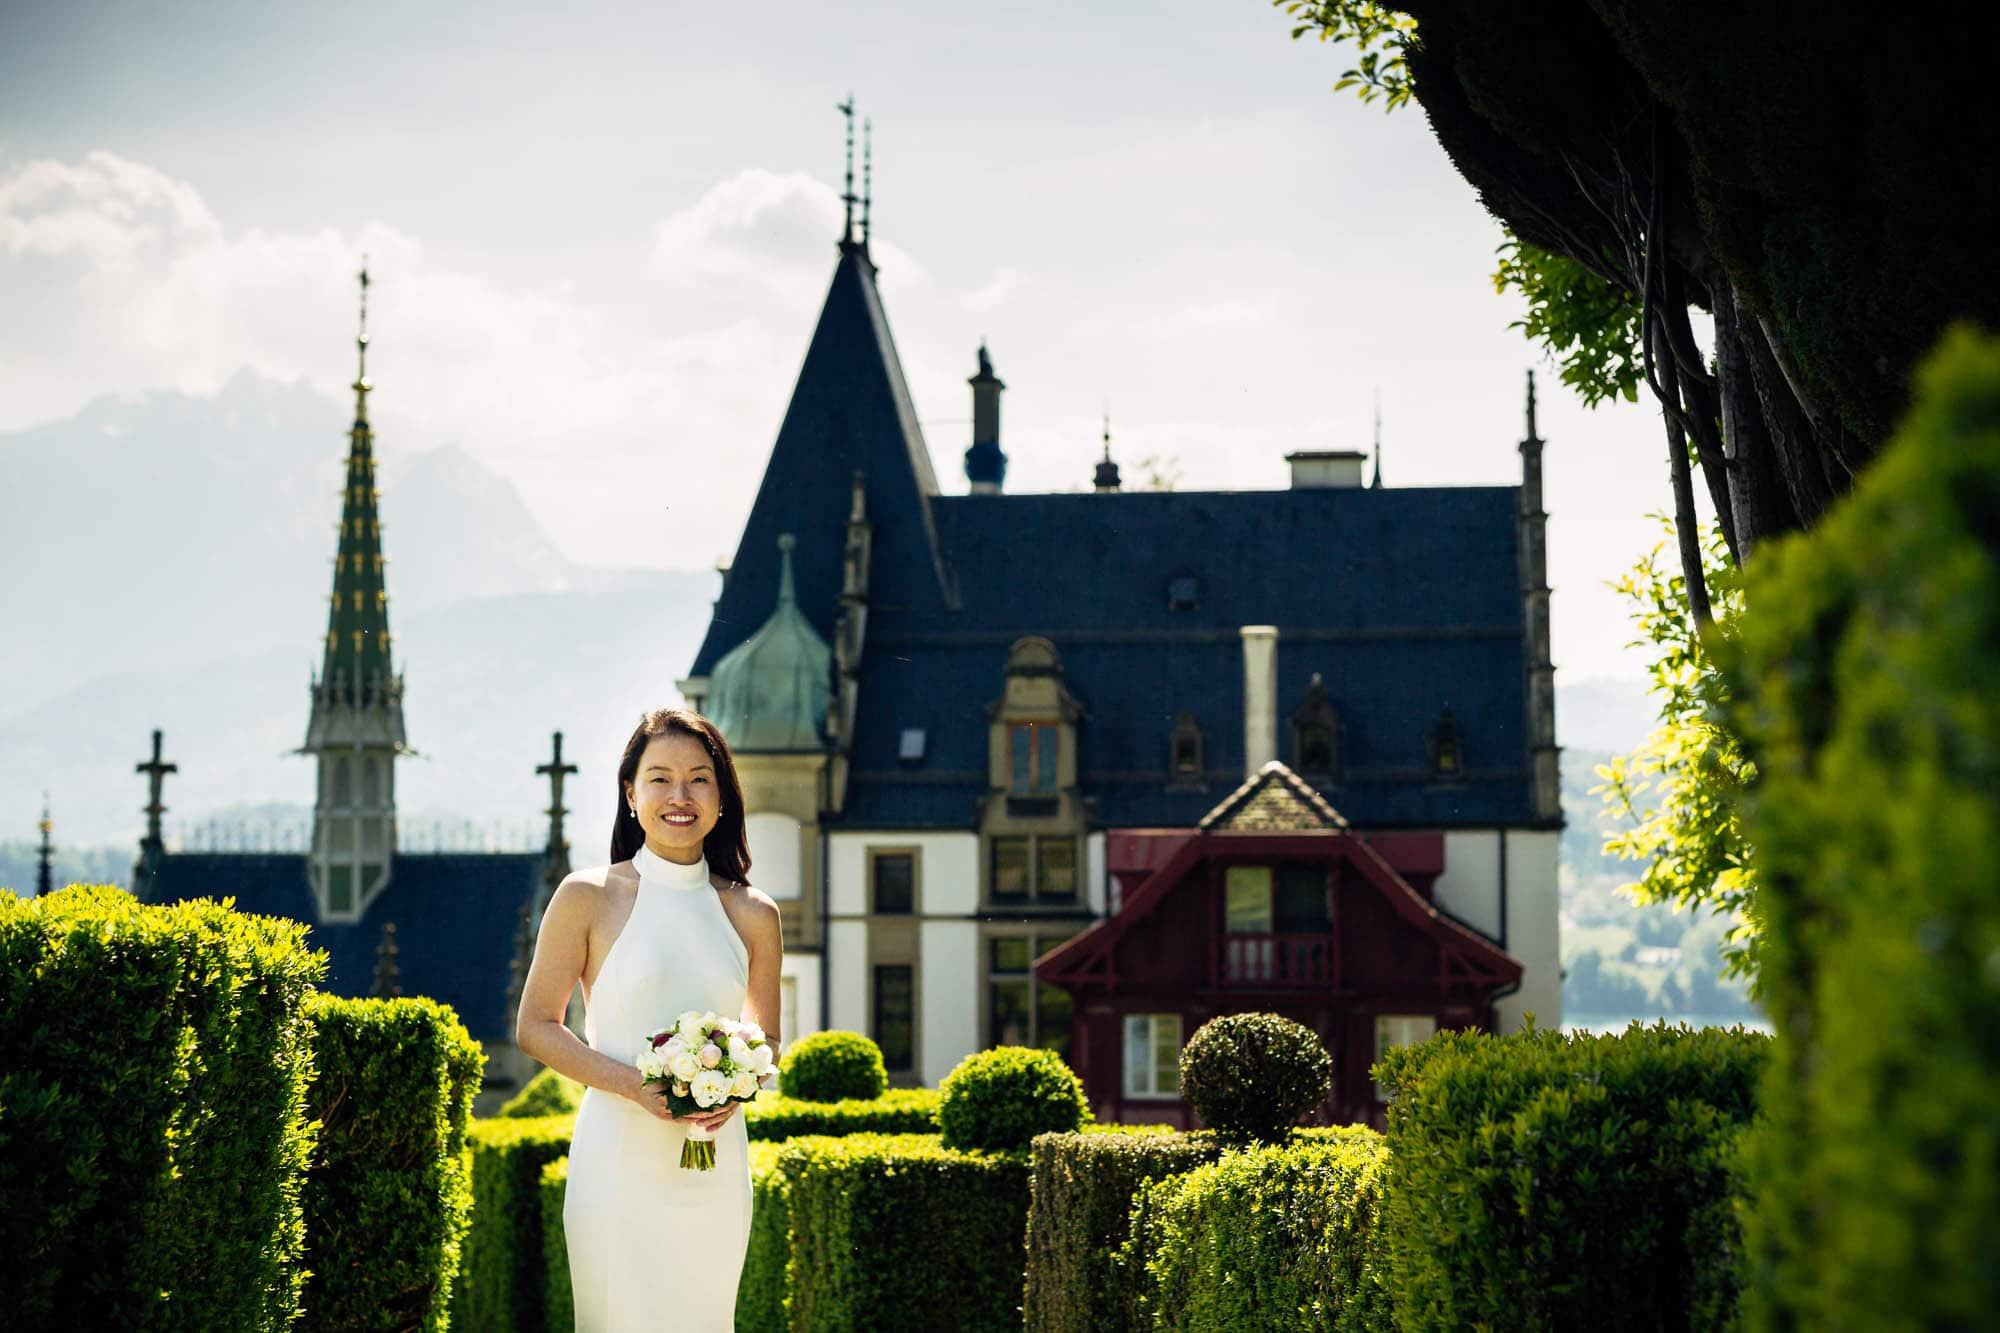 Brautportrait mit Schloss Meggenhorn und Pilatus im Hintergrund